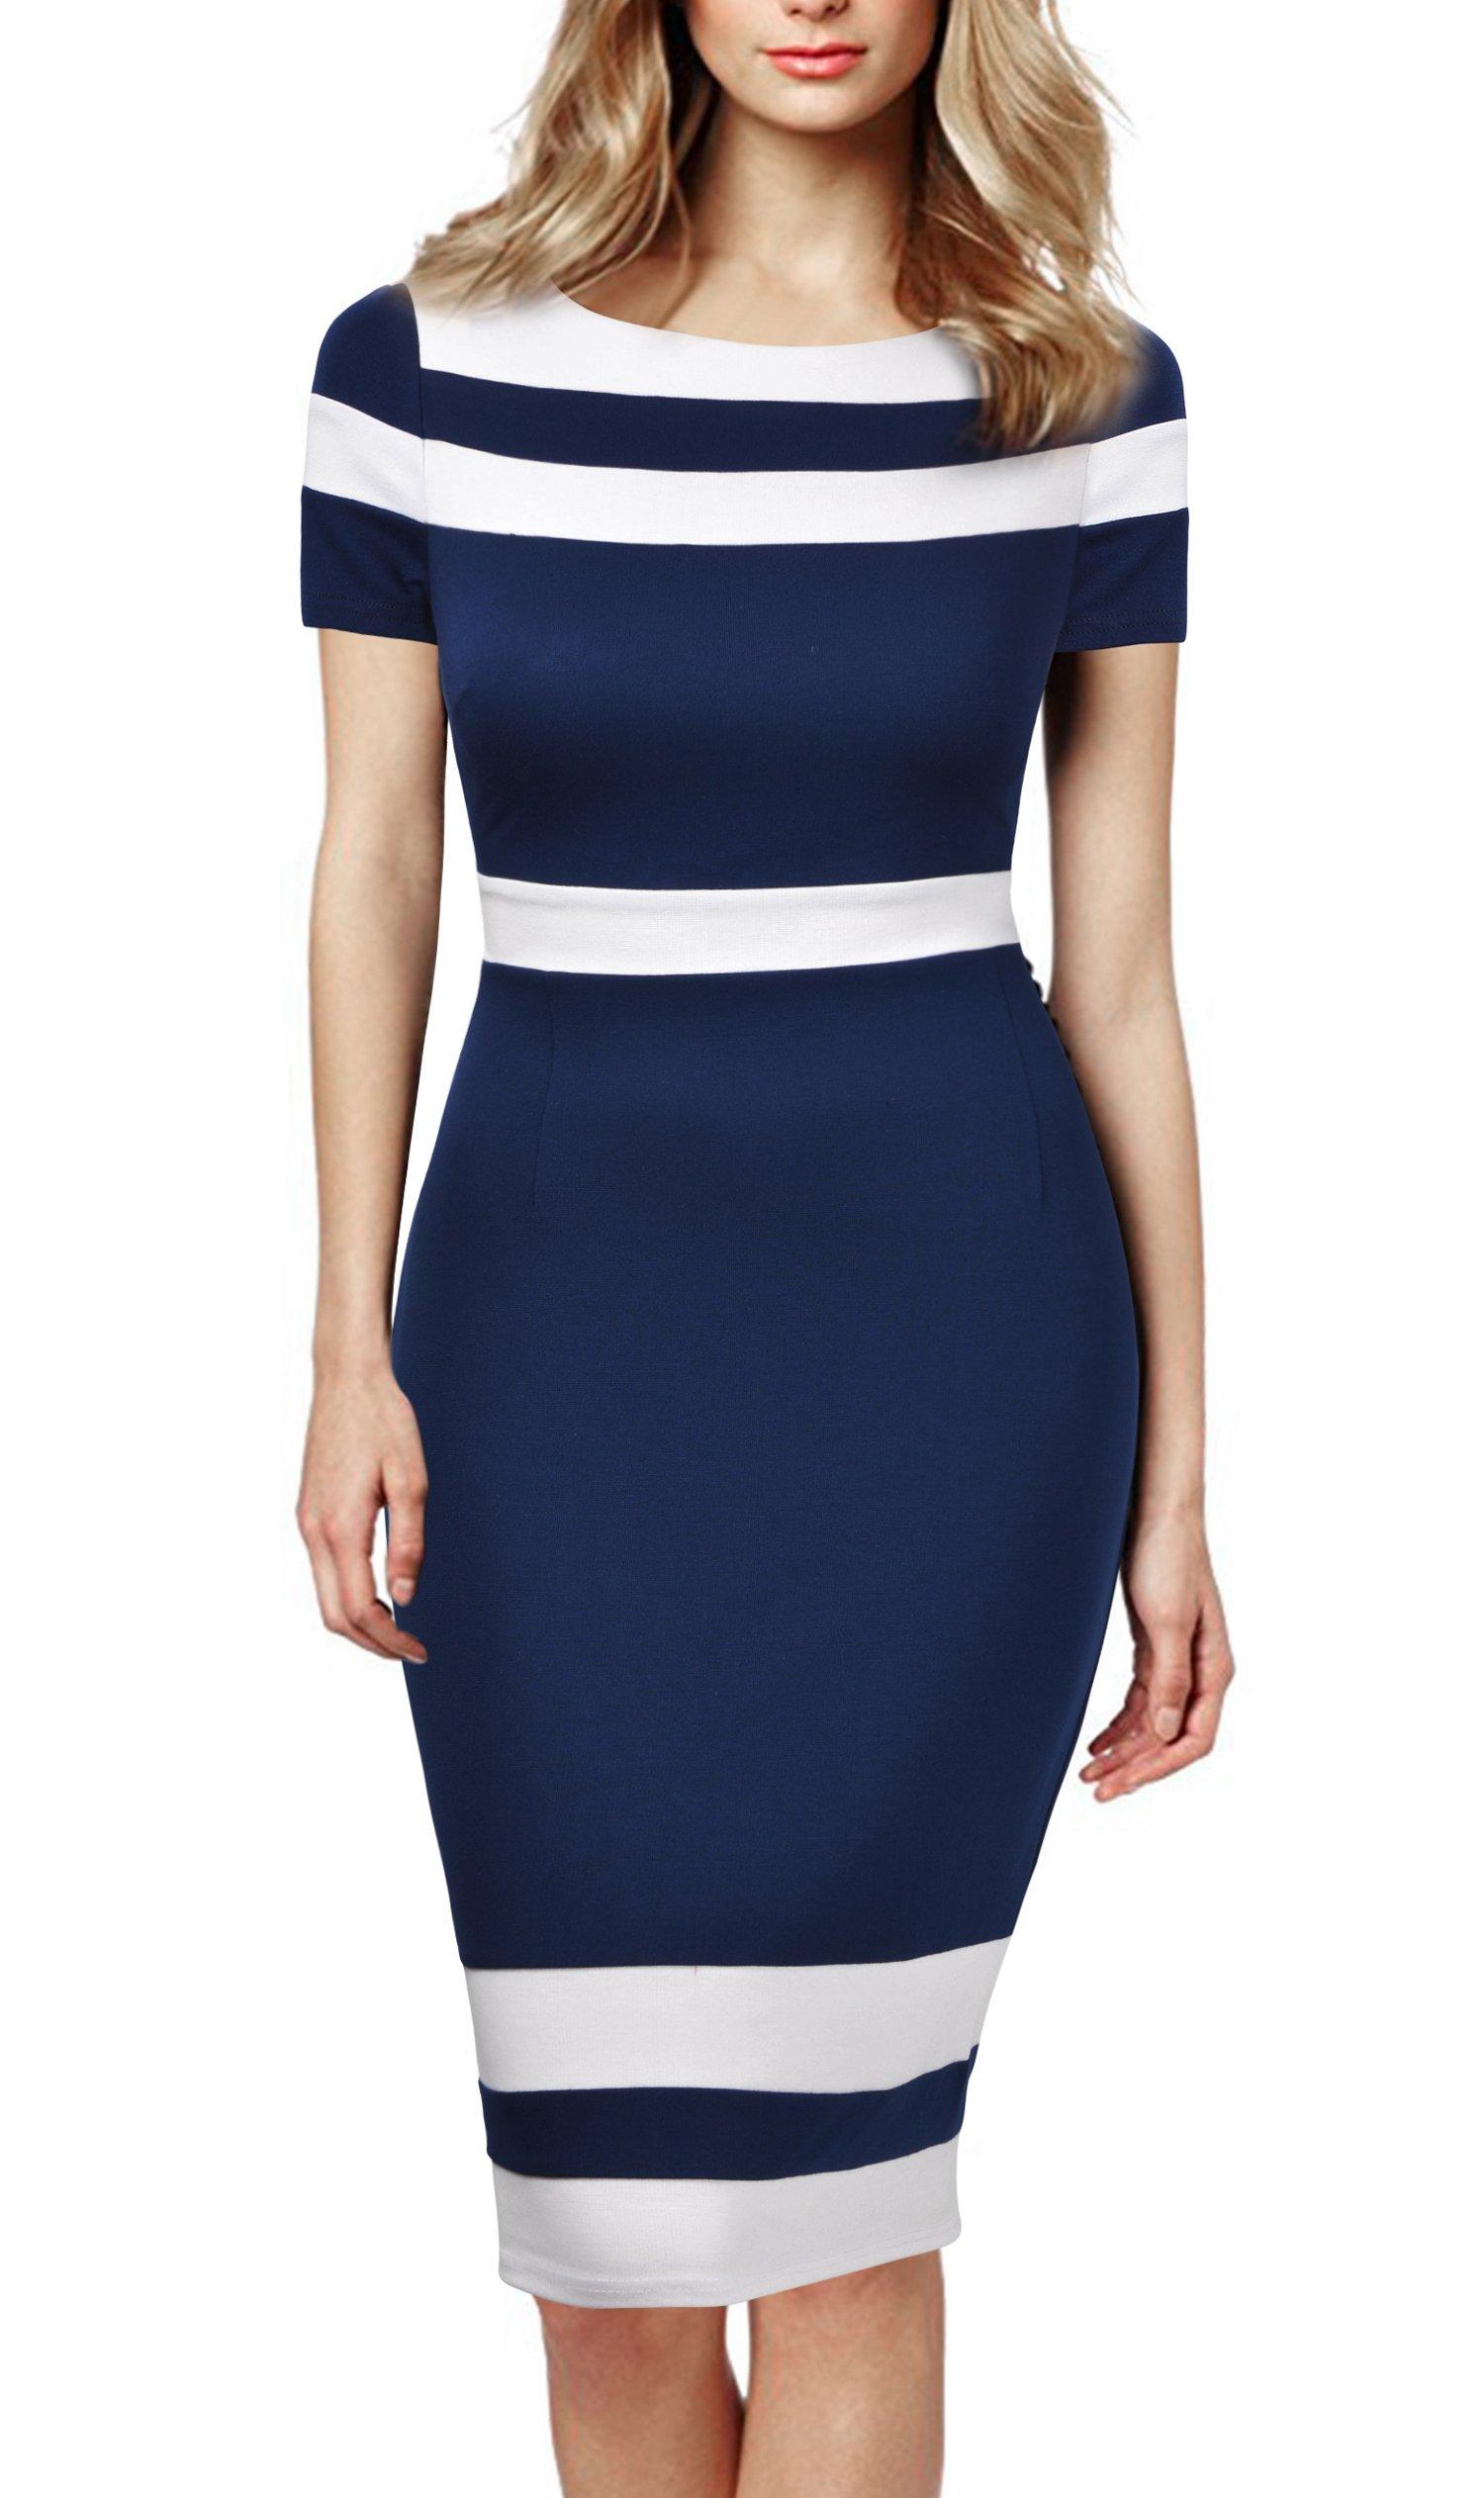 Mmondschein Women's Scoop Neck Optical Illusion Business Bodycon Dress S Blue